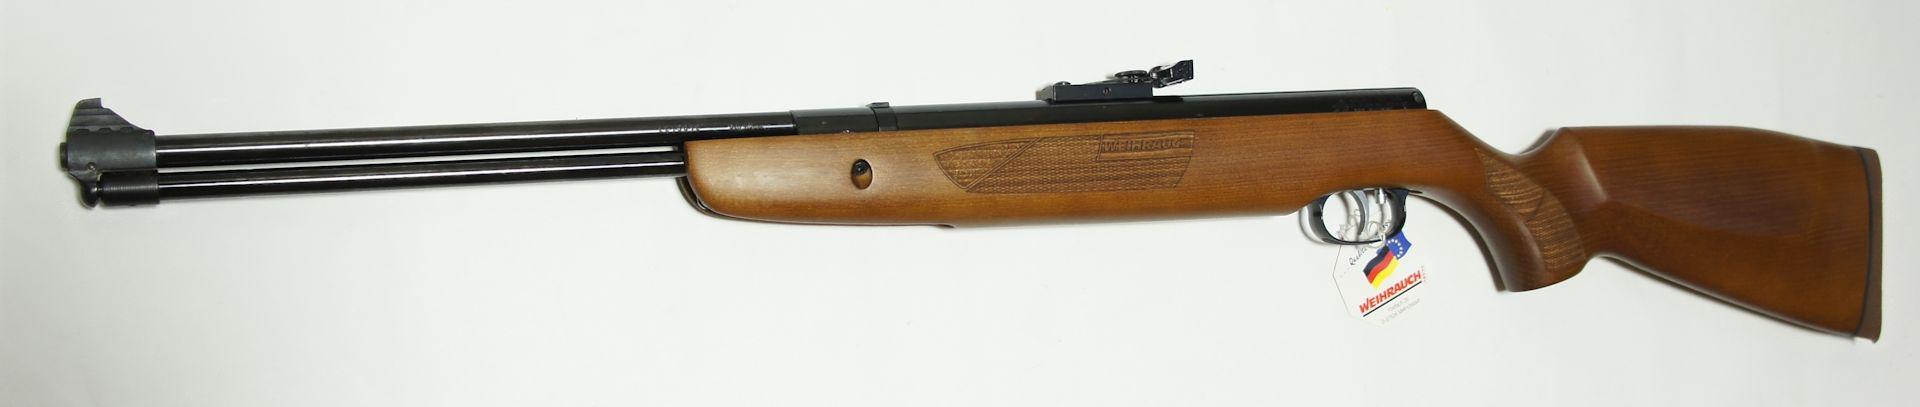 Luftgewehr HW 57, Weihrauch